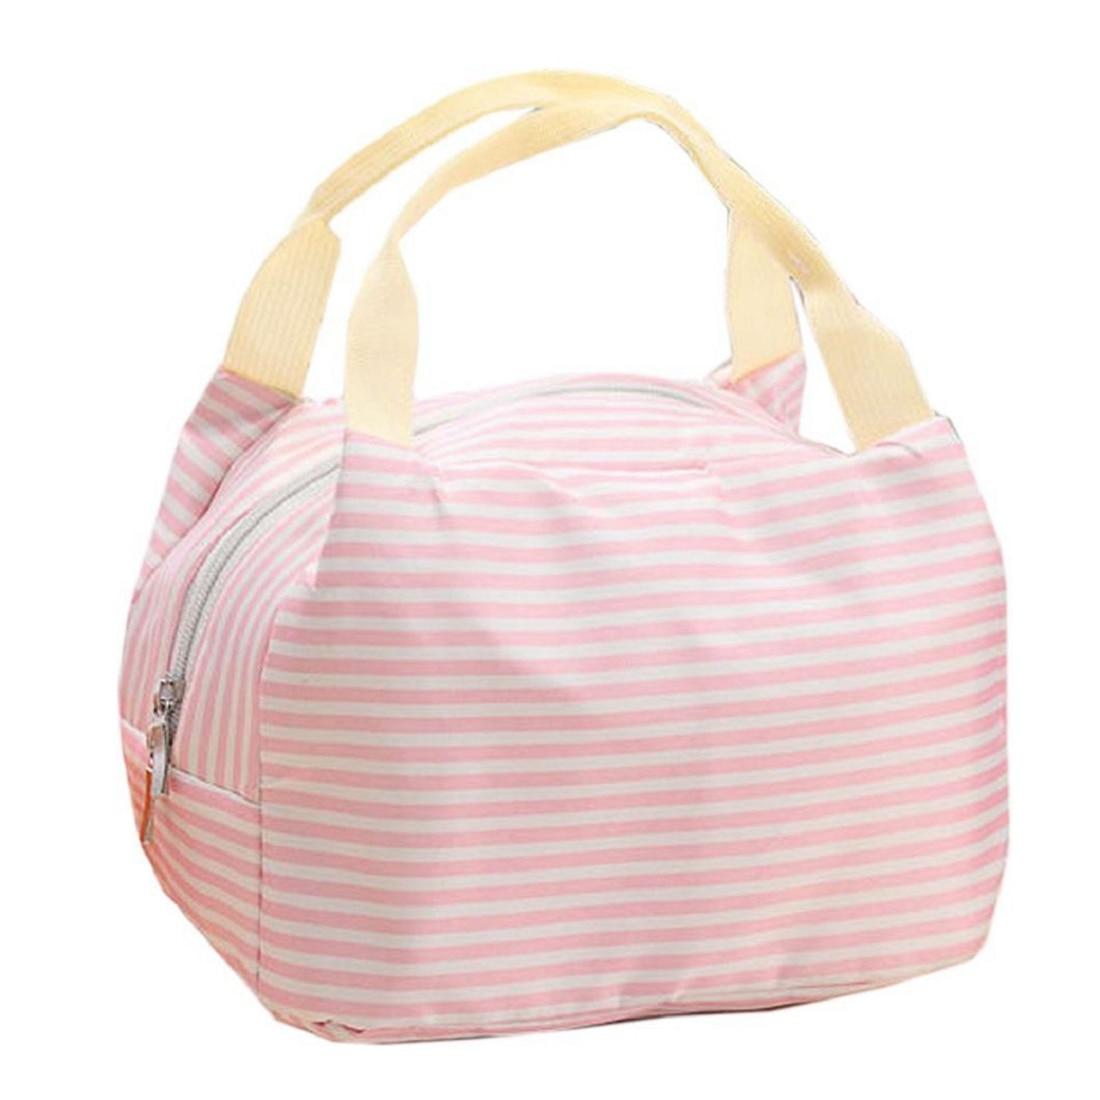 Коробки для обедов утепленная Портативный Пикник сумка для хранения